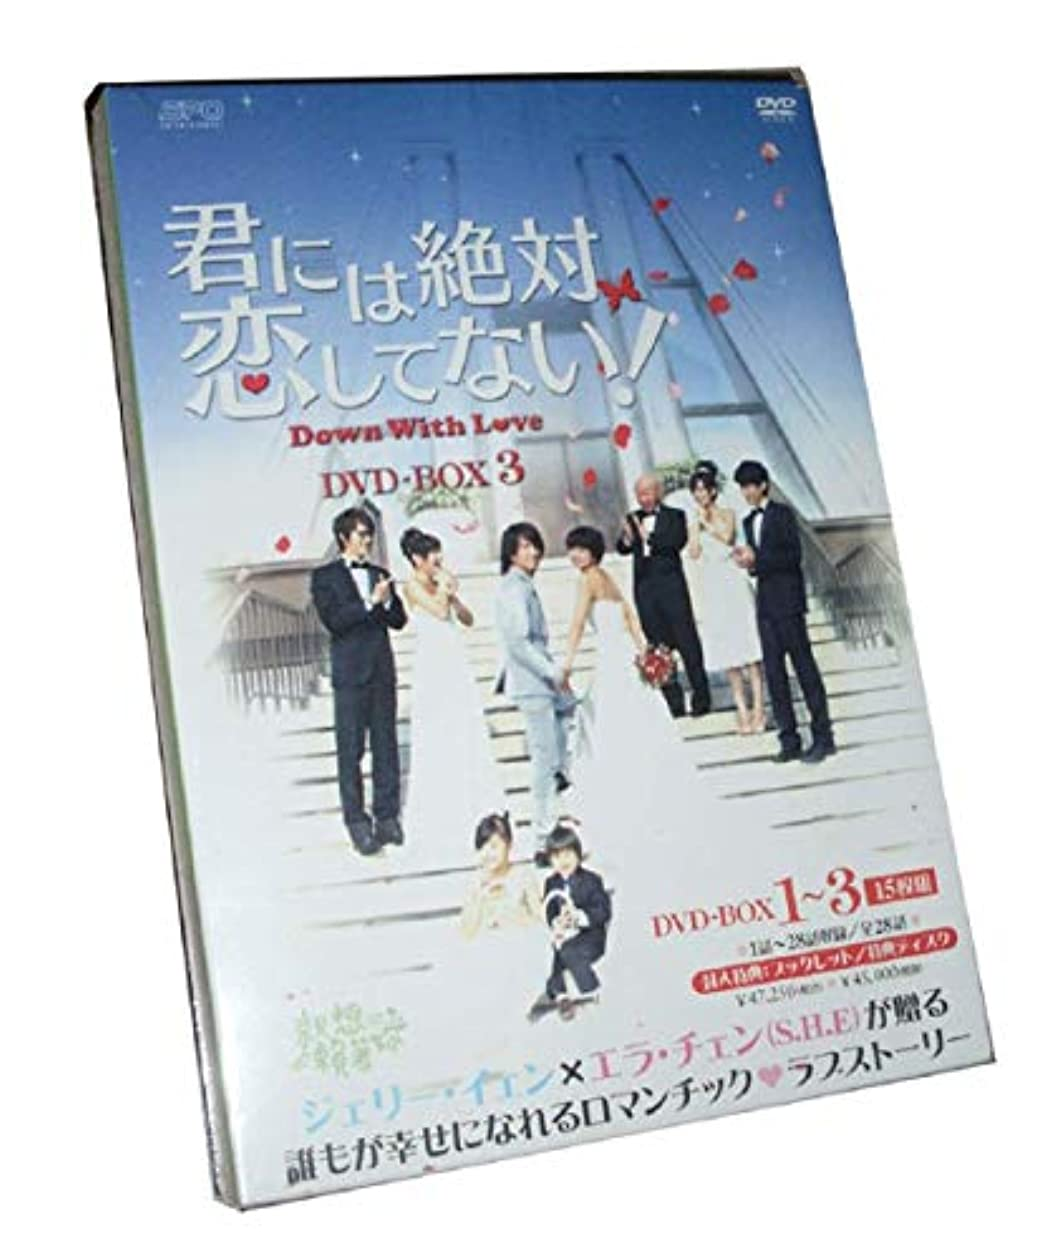 クリーククリーク拾う君には絶対恋してない!~Down with Love DVD-BOX1-3 28話+特典15枚組